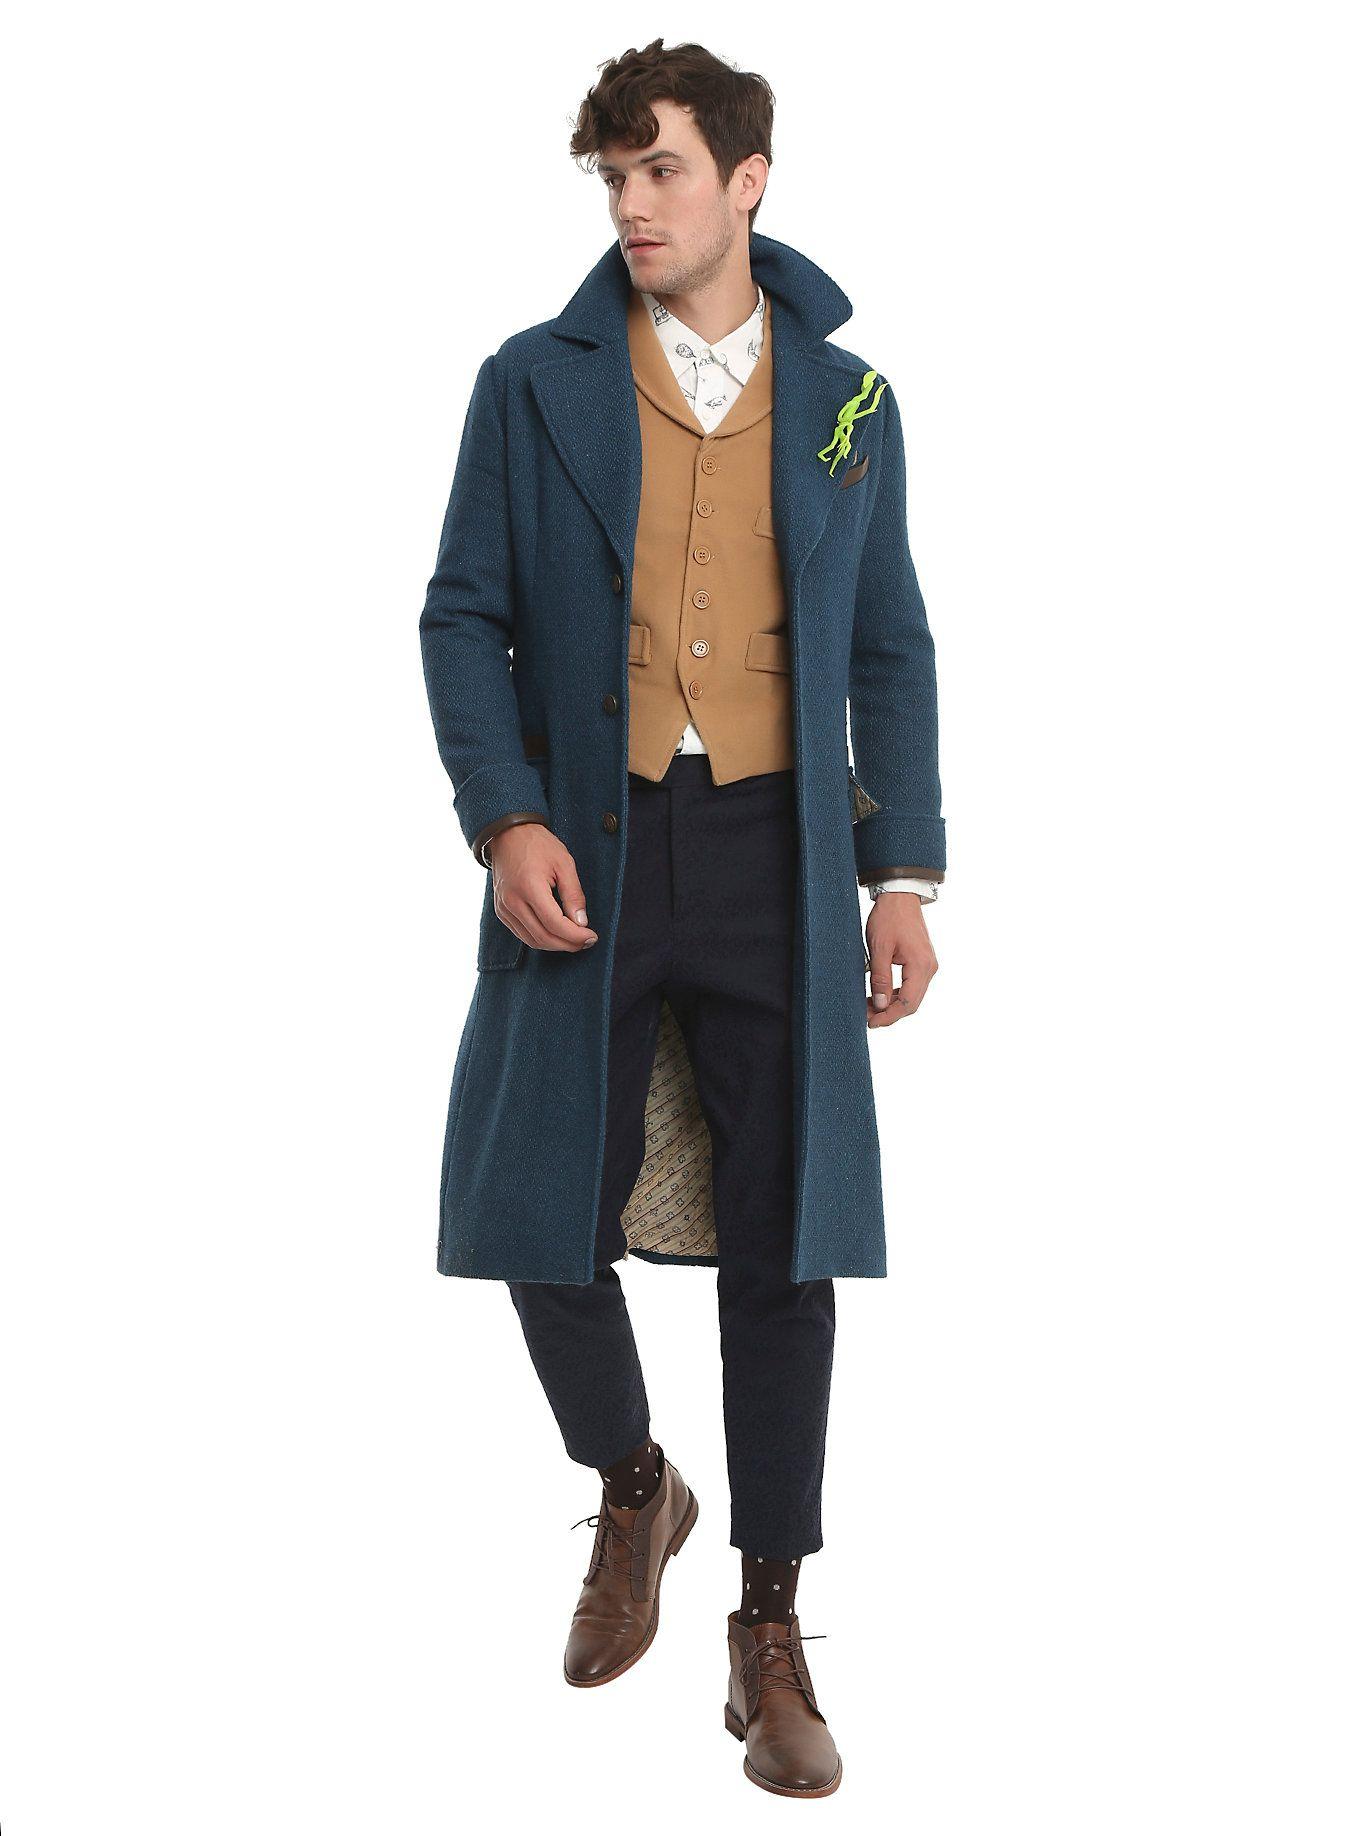 Adult Men/'s Harry Potter FANTASTIC BEASTS Newt Scamander Cosplay Costume Vest